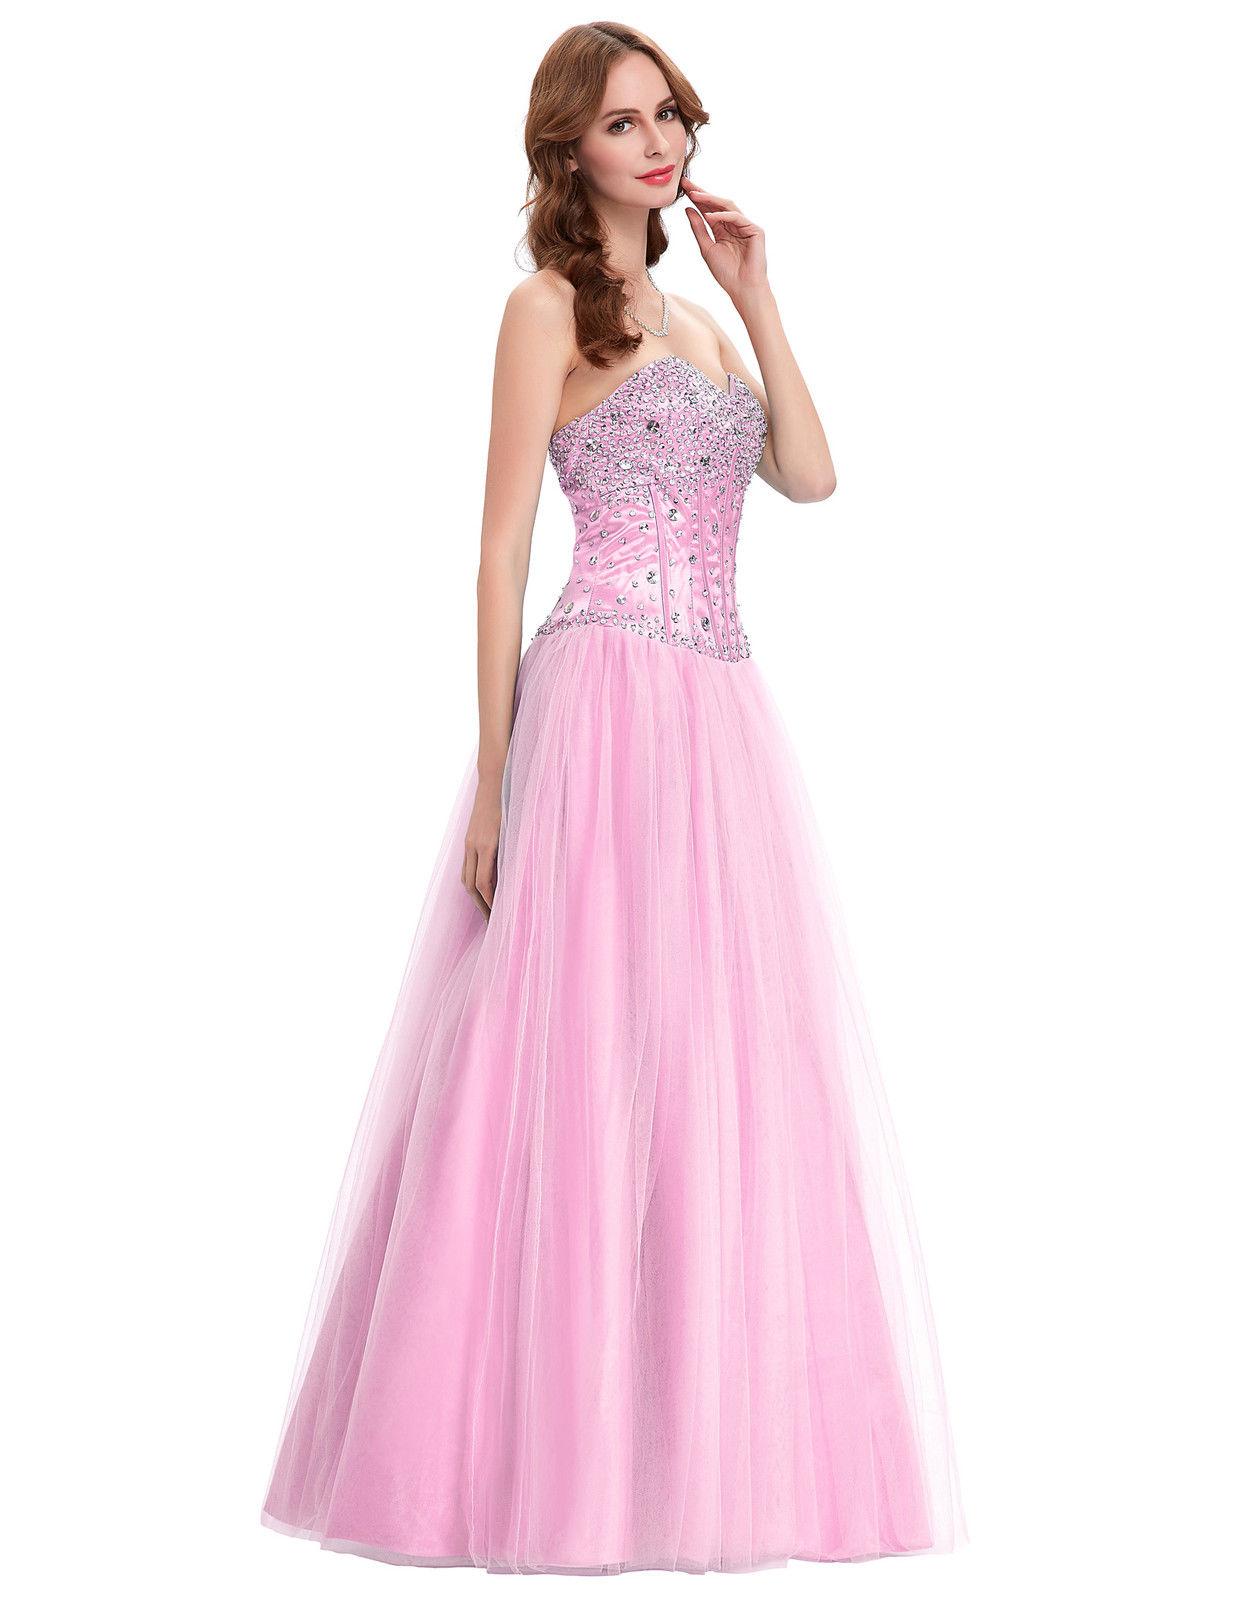 Růžové dlouhé plesové šaty s tylovou sukní a kamínky 34 XS ... 6eccecff47